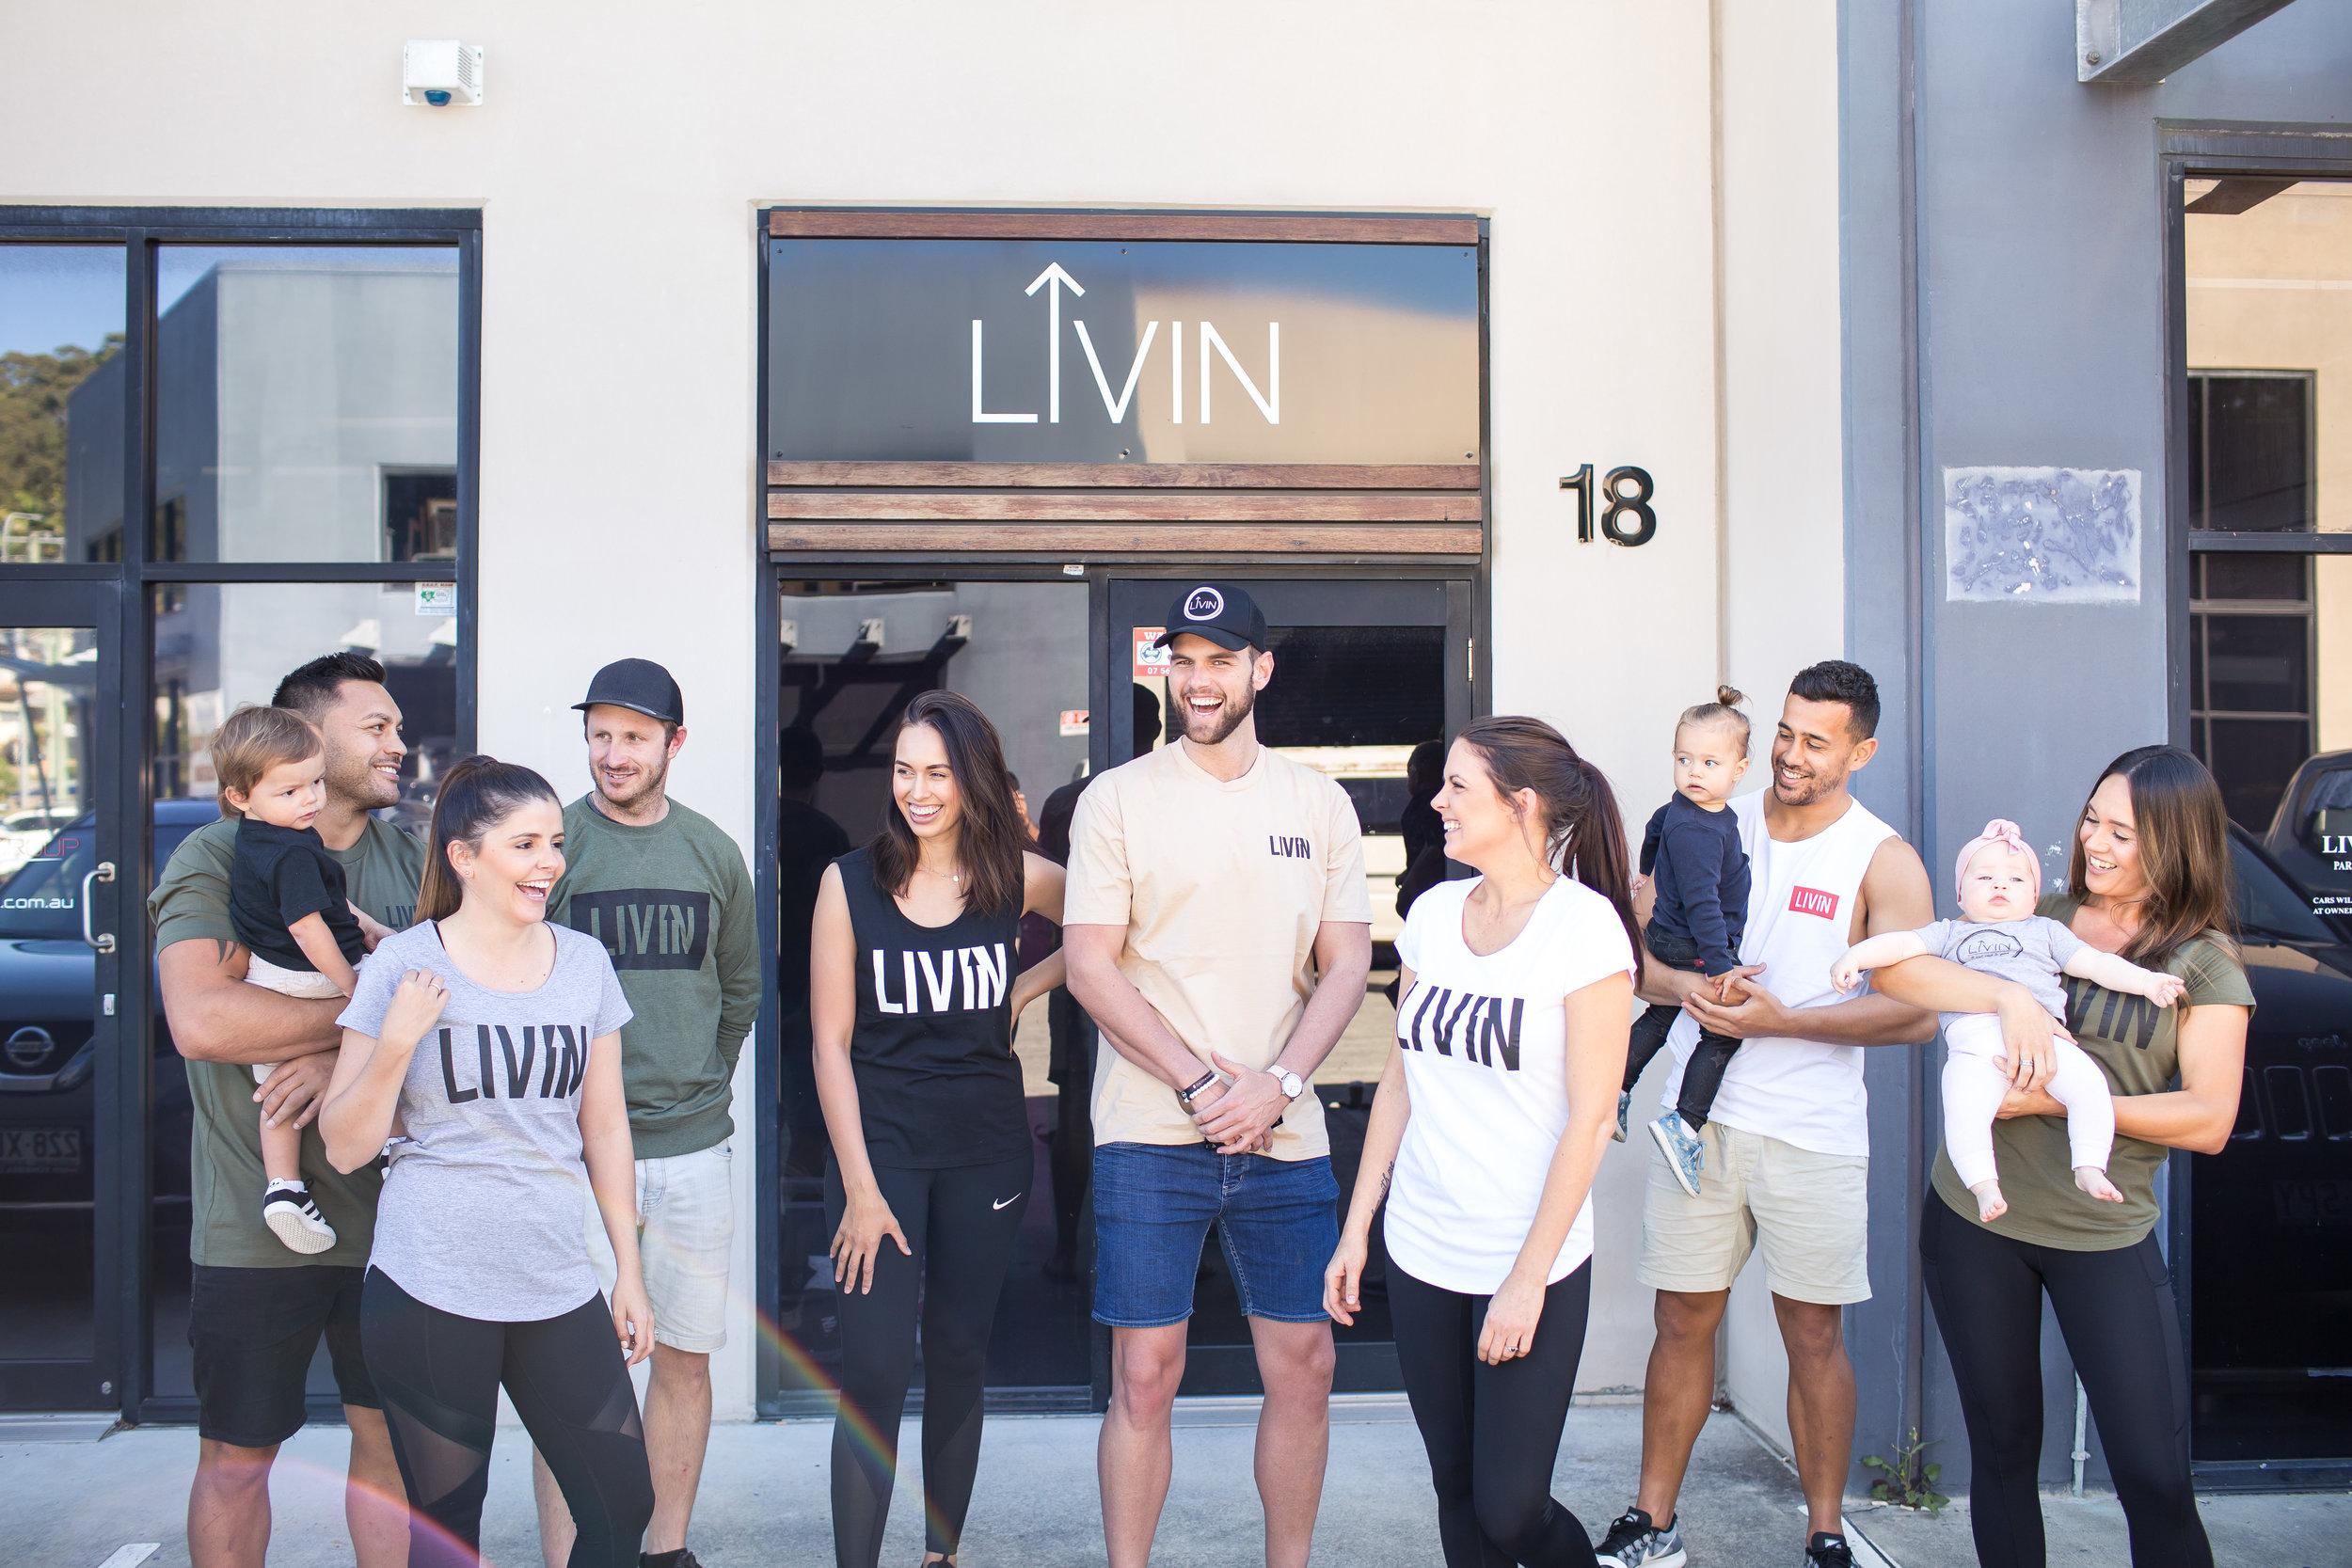 LIVIN Street-3.jpg